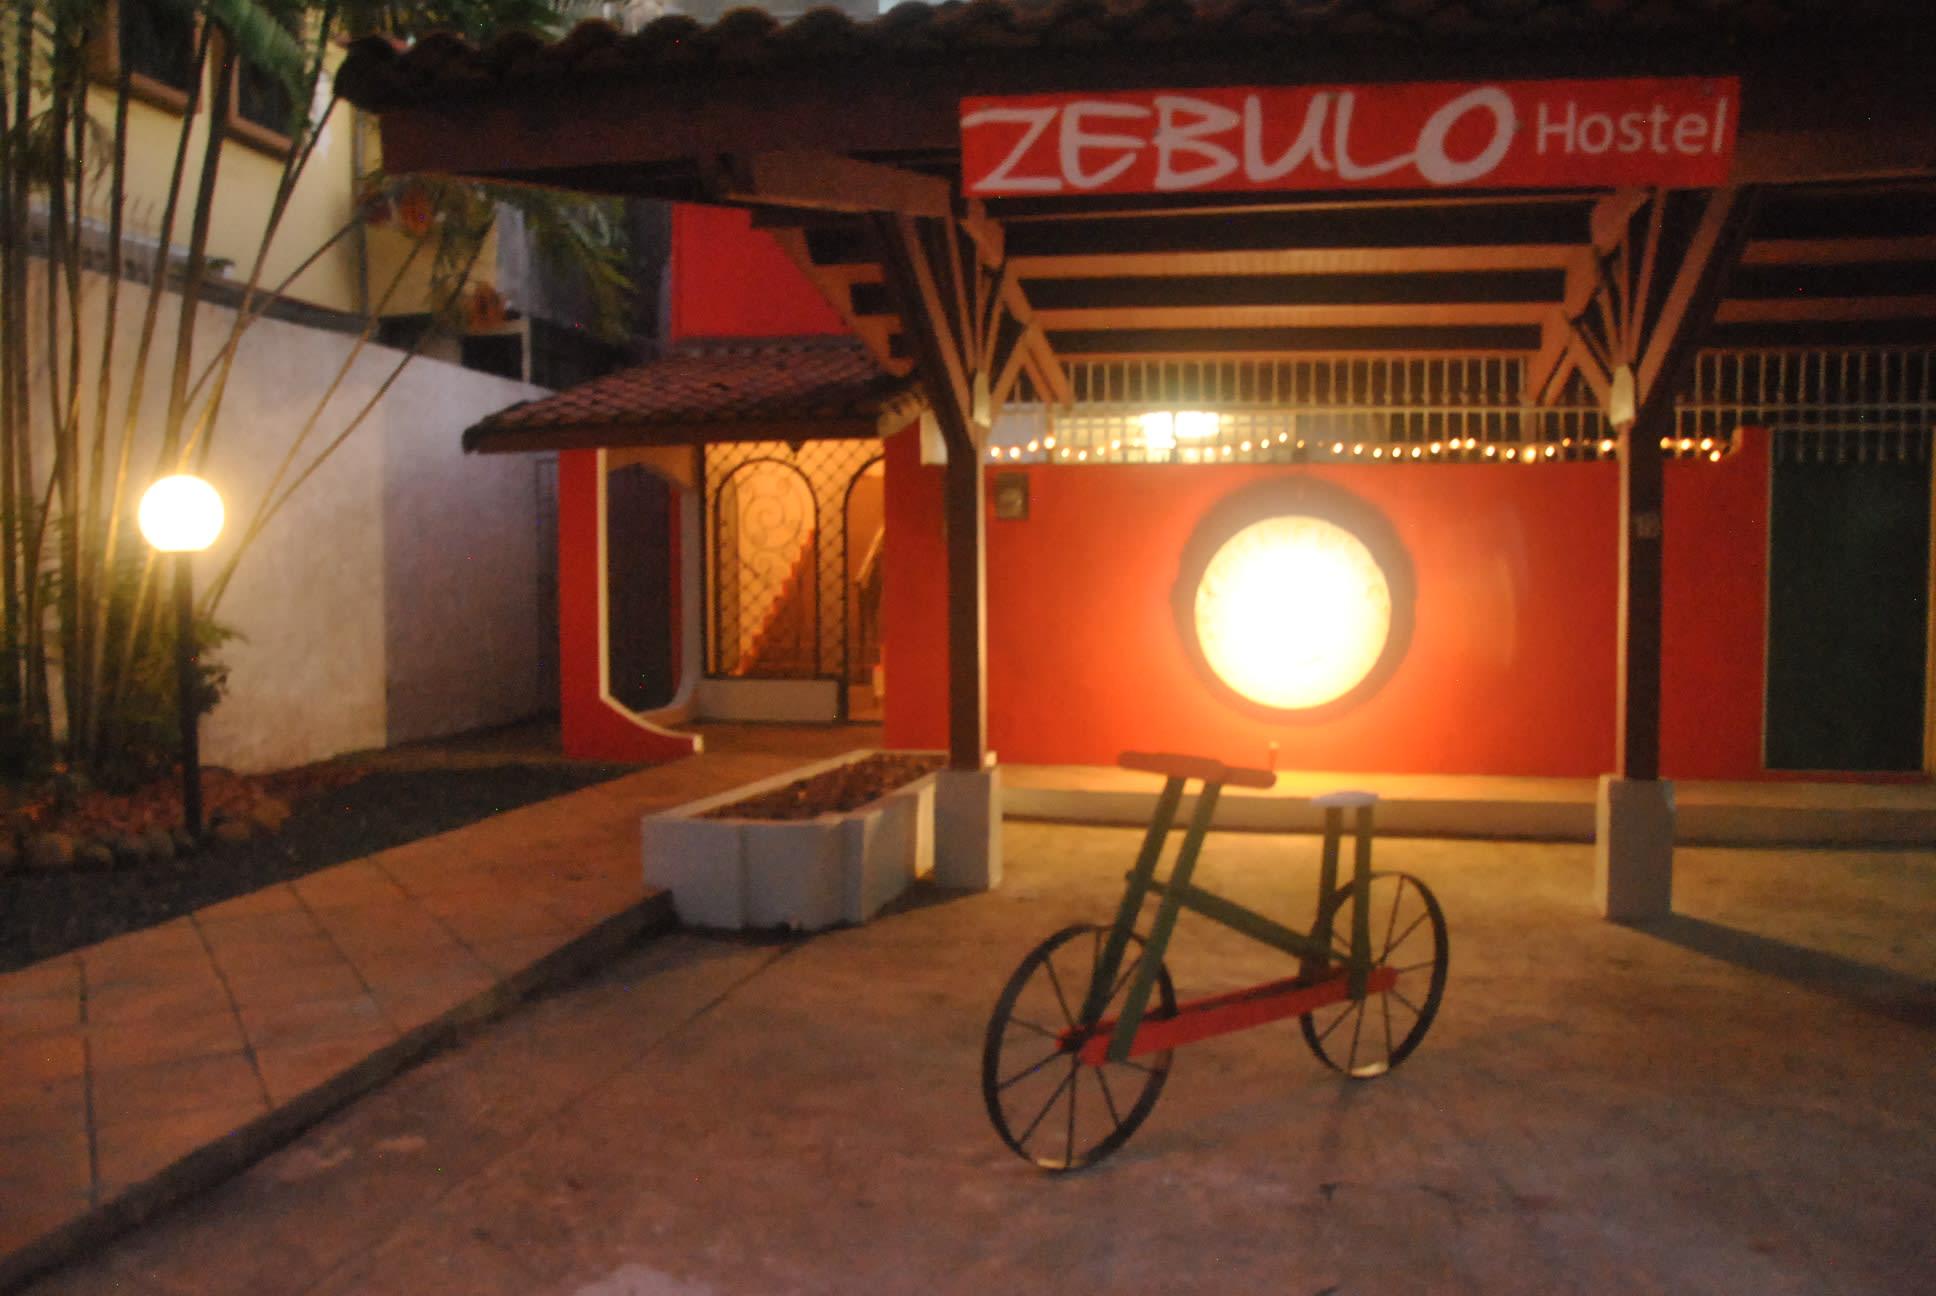 HOSTEL - Zebulo Hostel